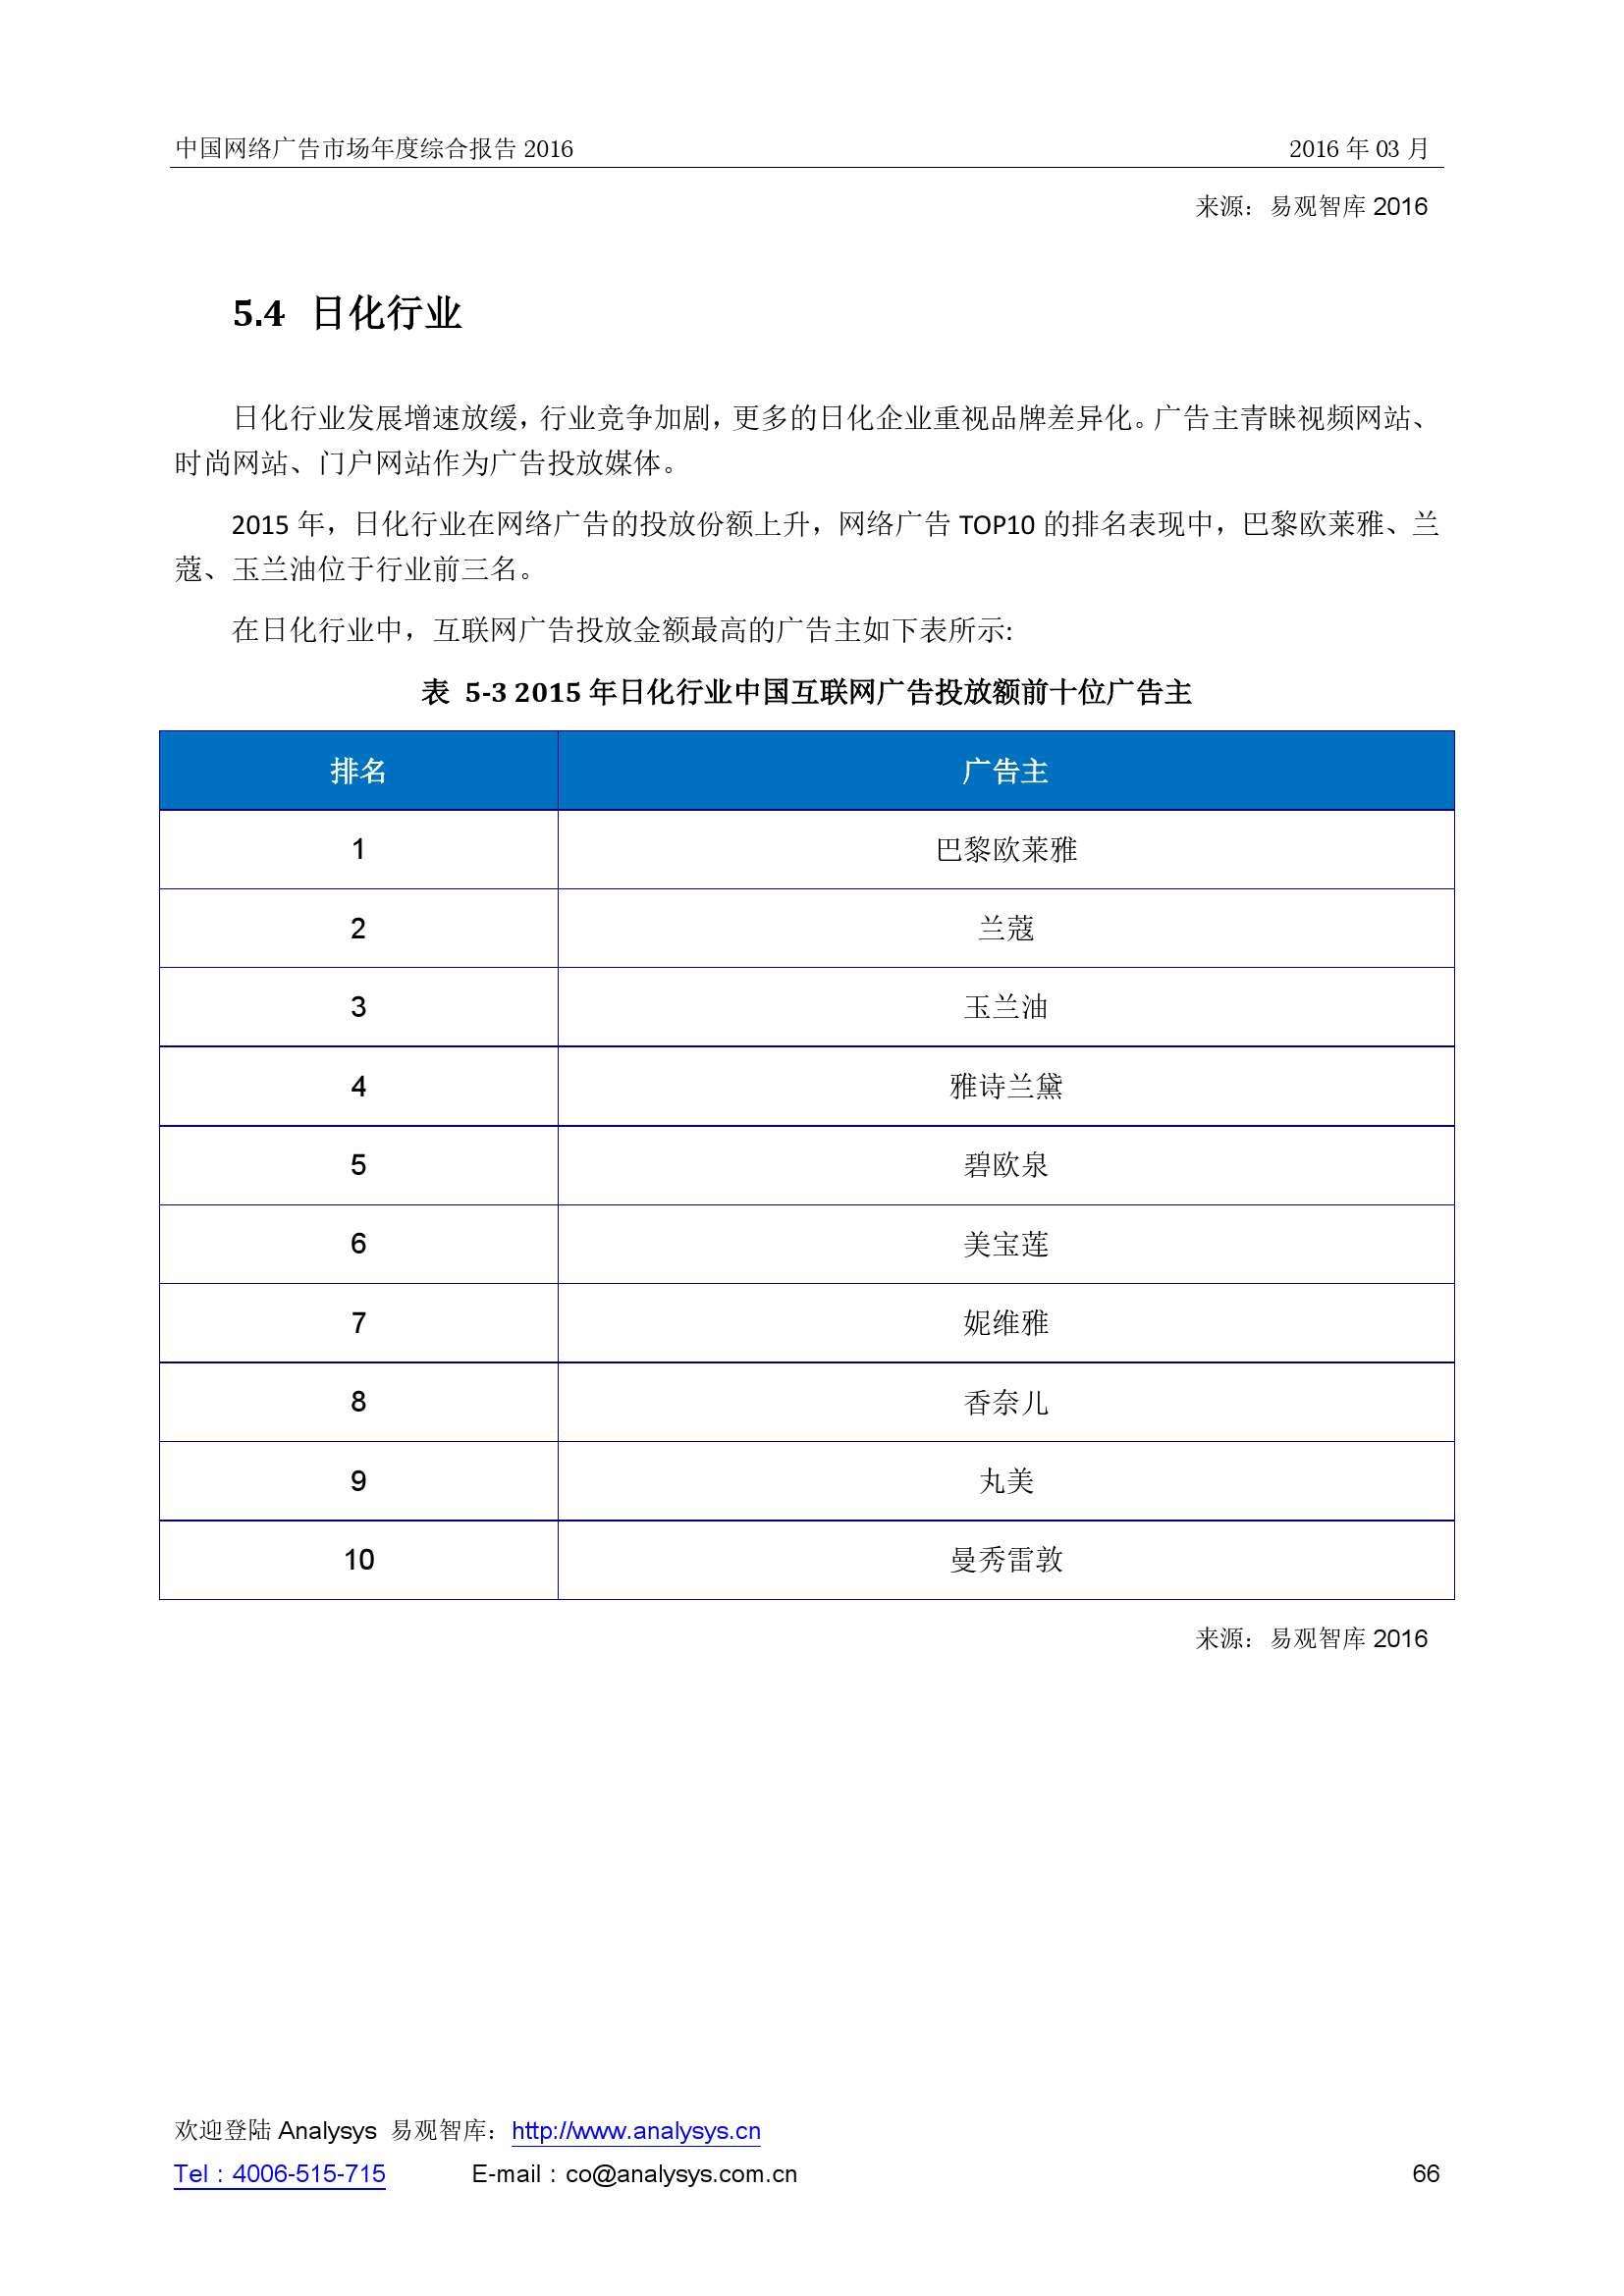 中国网络广告市场年度综合报告2016_000066